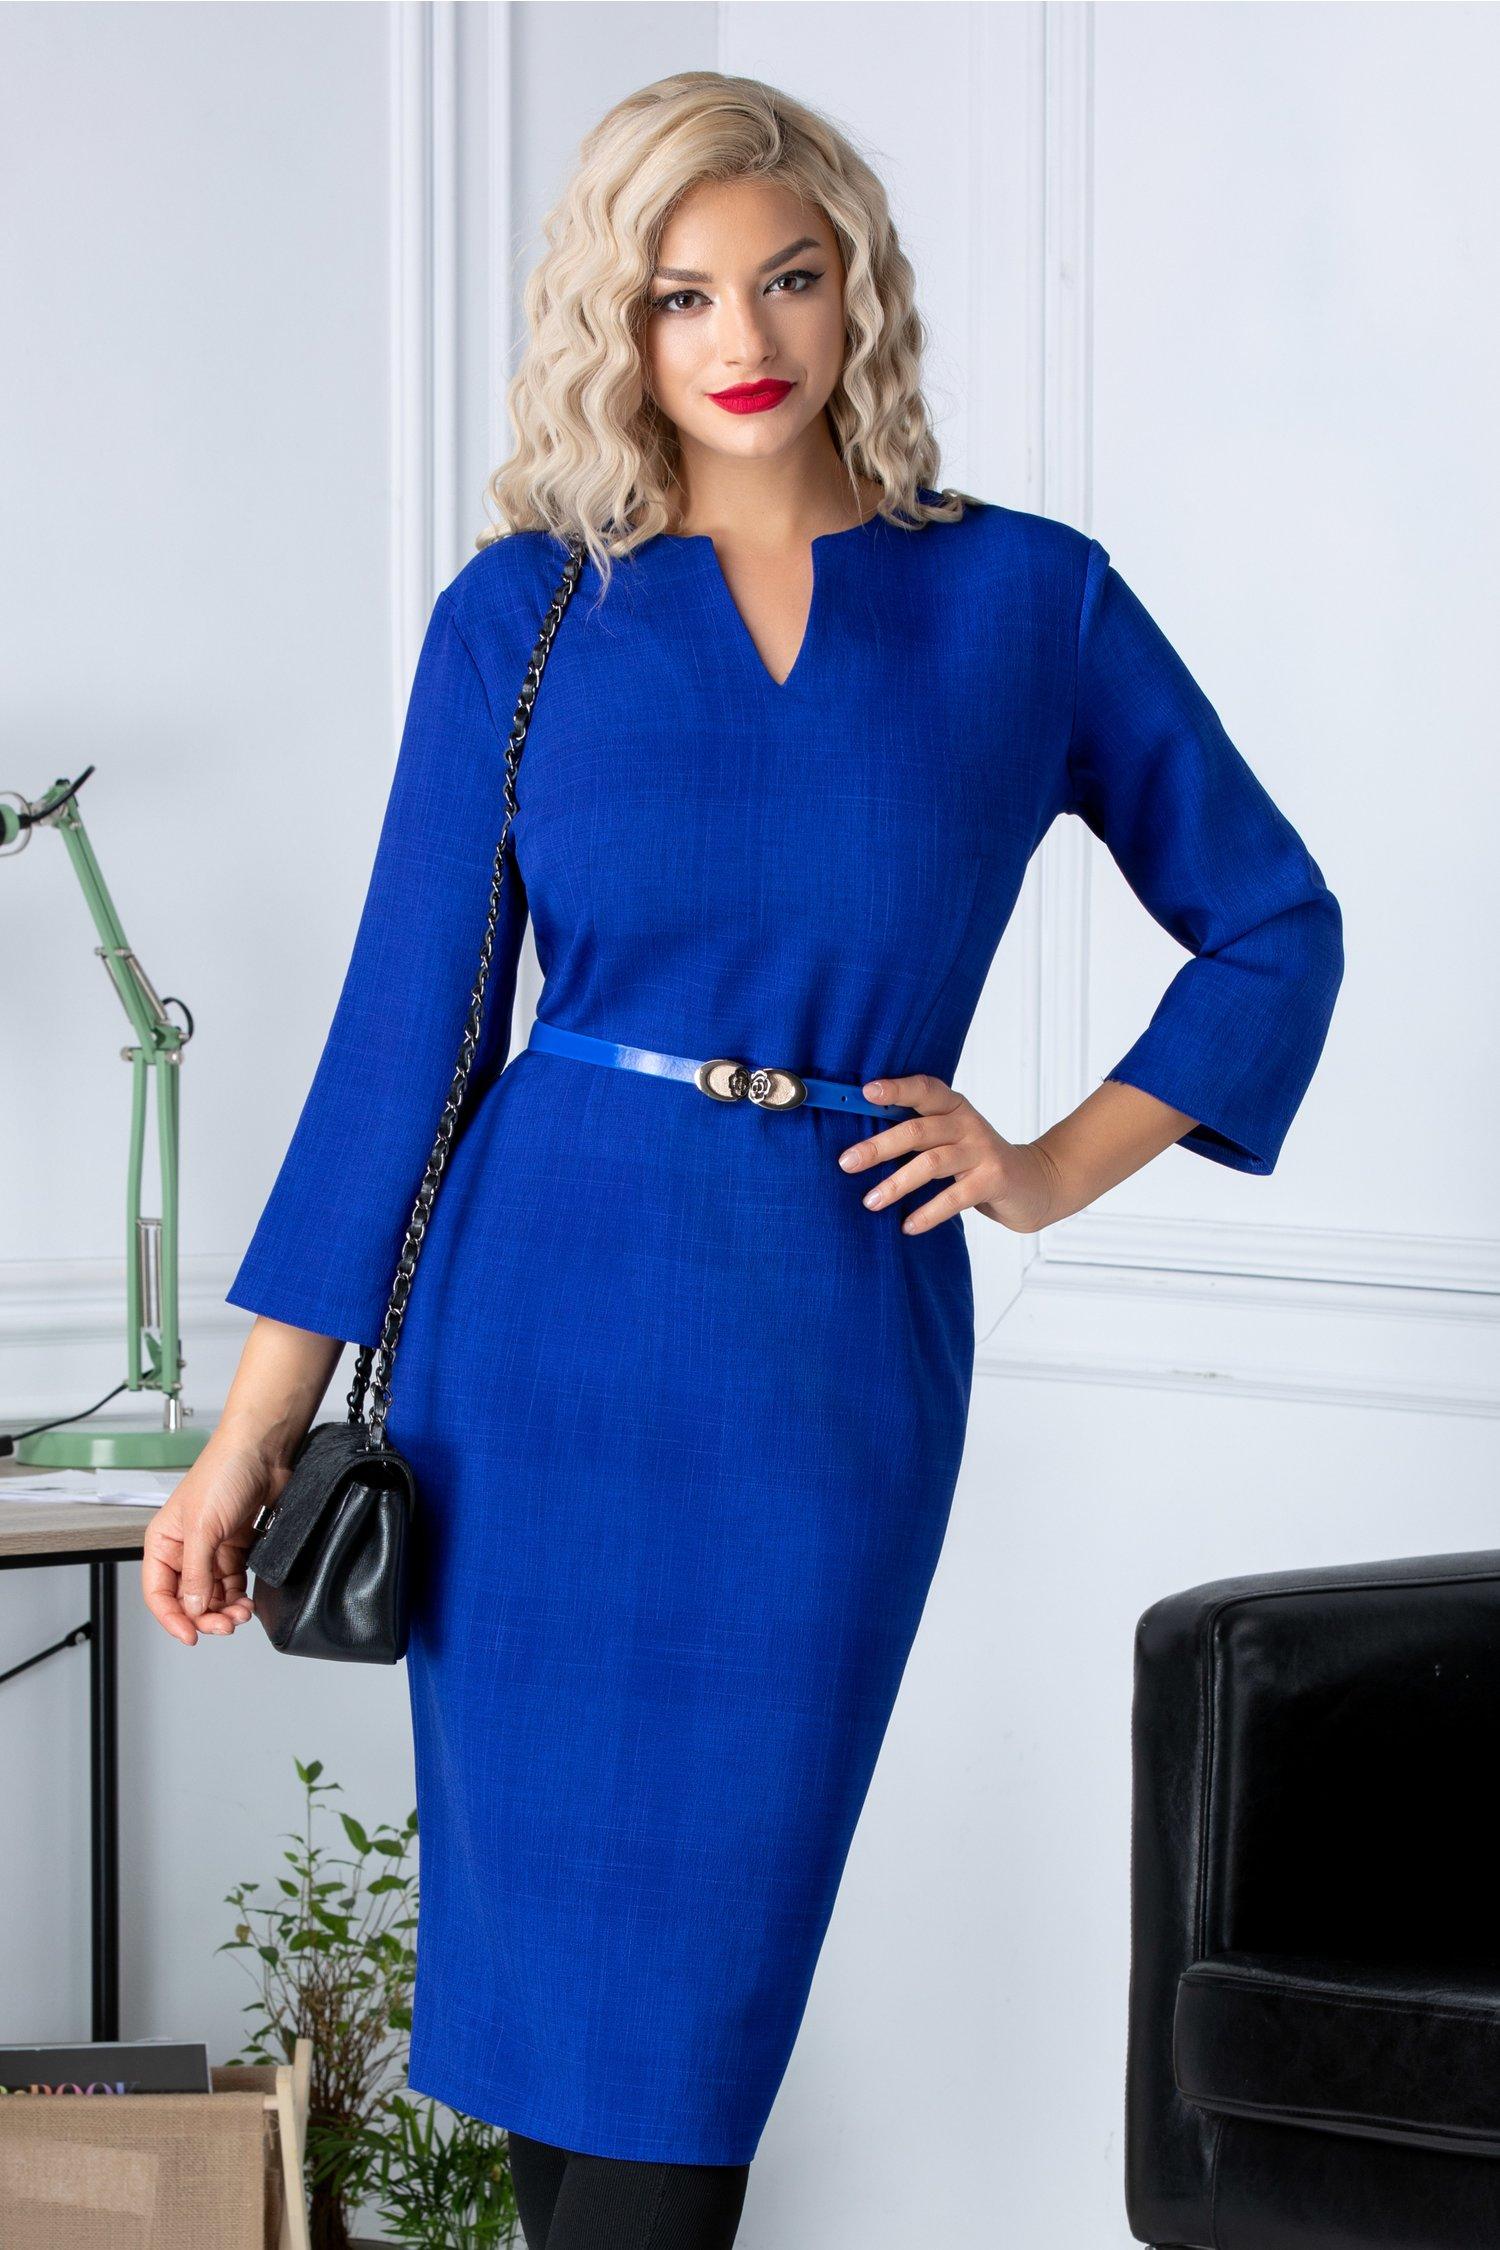 Rochie Myre albastra conica office